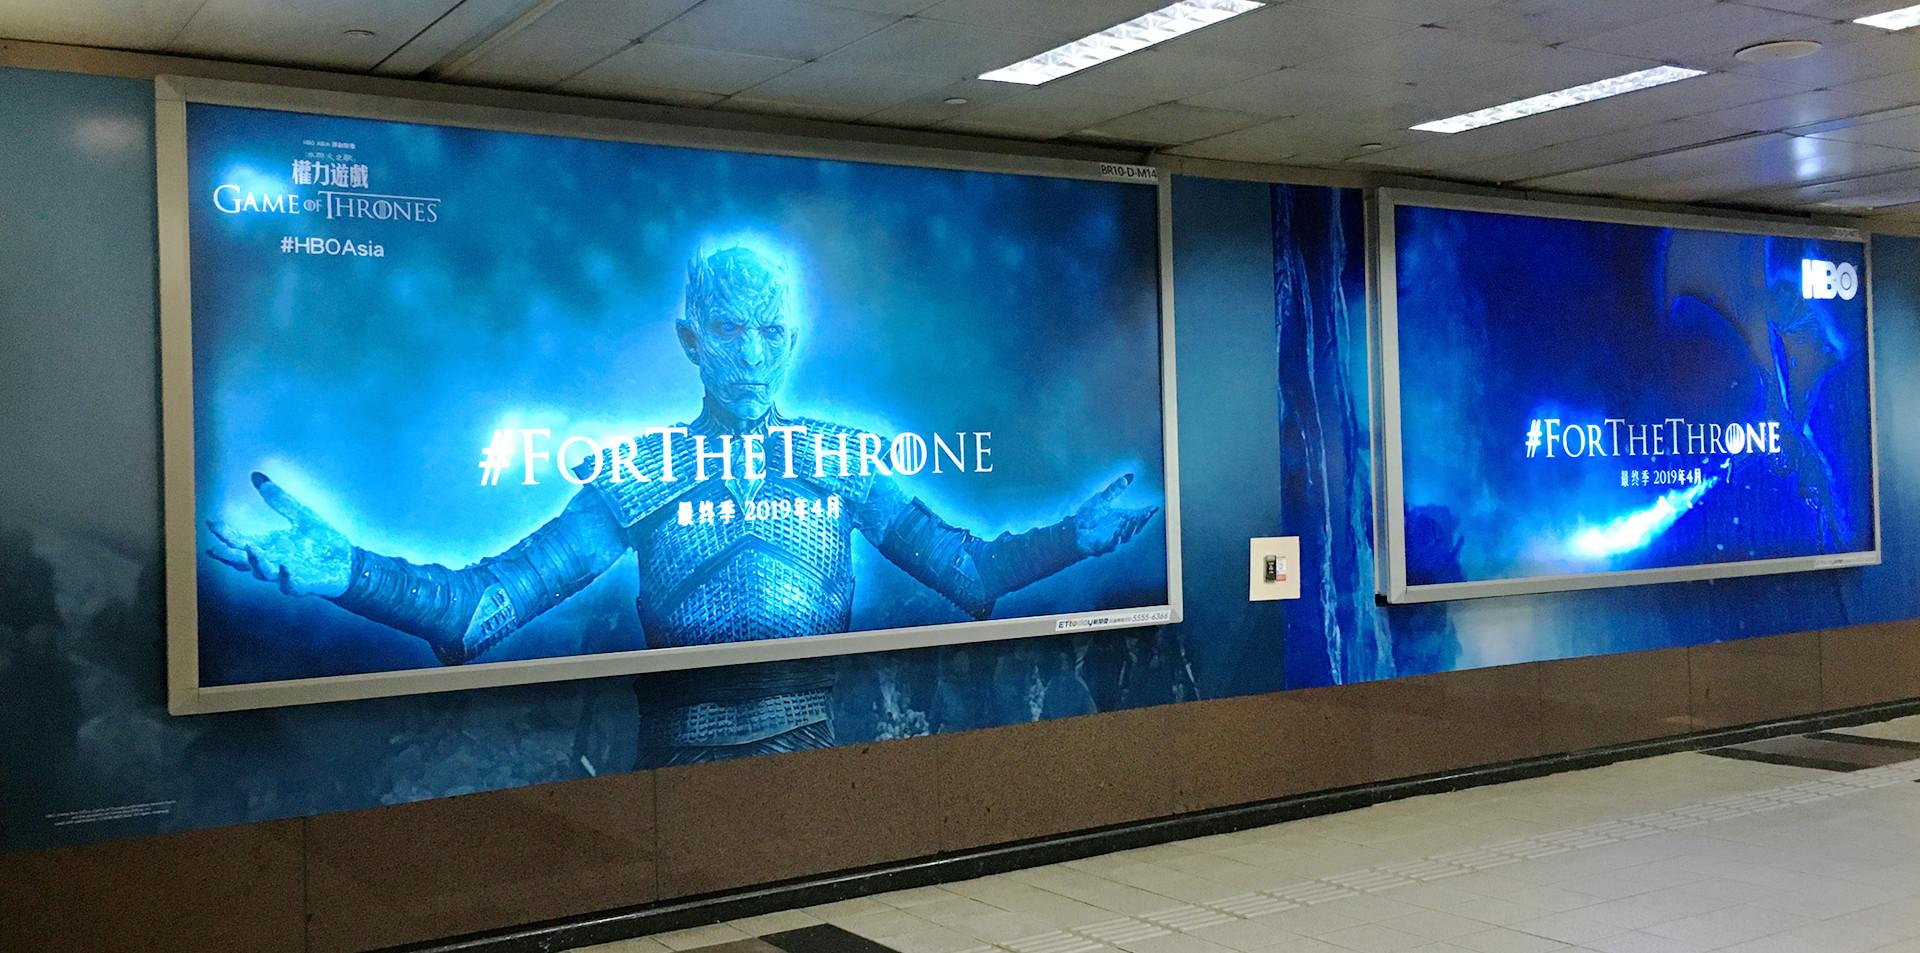 台北捷運廣告刊登  忠孝復興站 HBO動感廣告